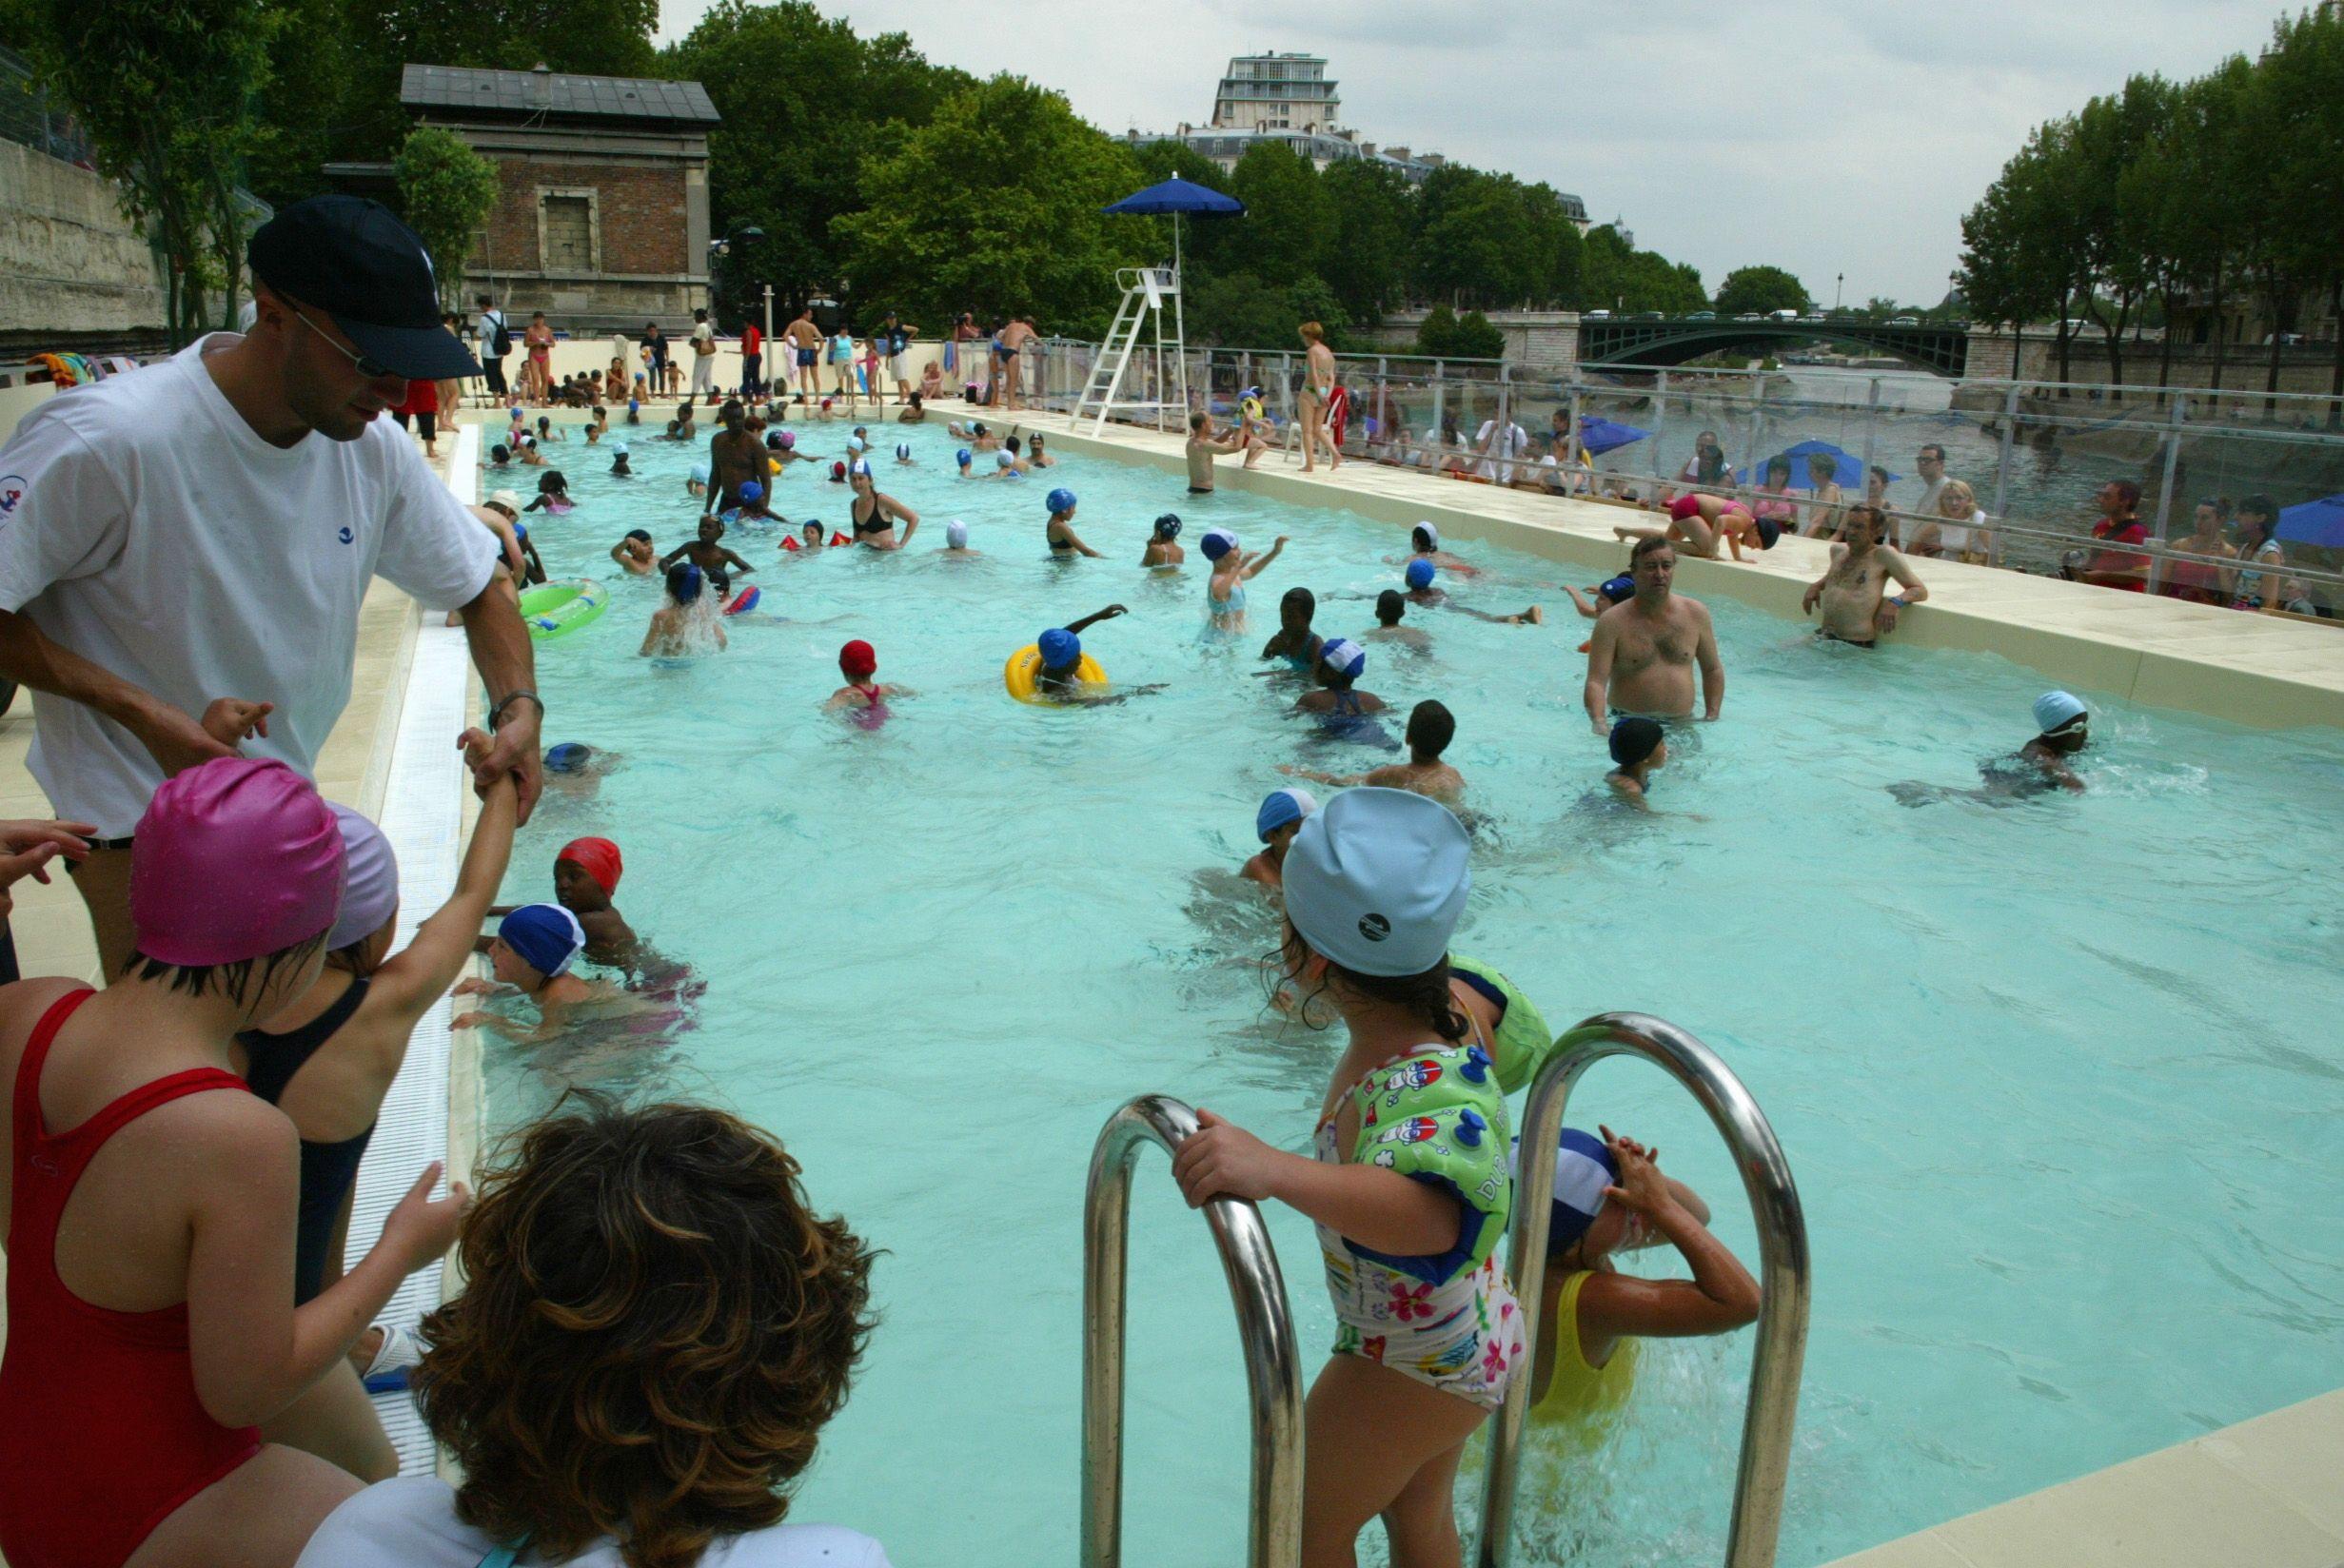 Laïcité à l'école : la CEDH déboute une famille musulmane qui demandait que les fillettes soient exemptées de cours de natation mixtes